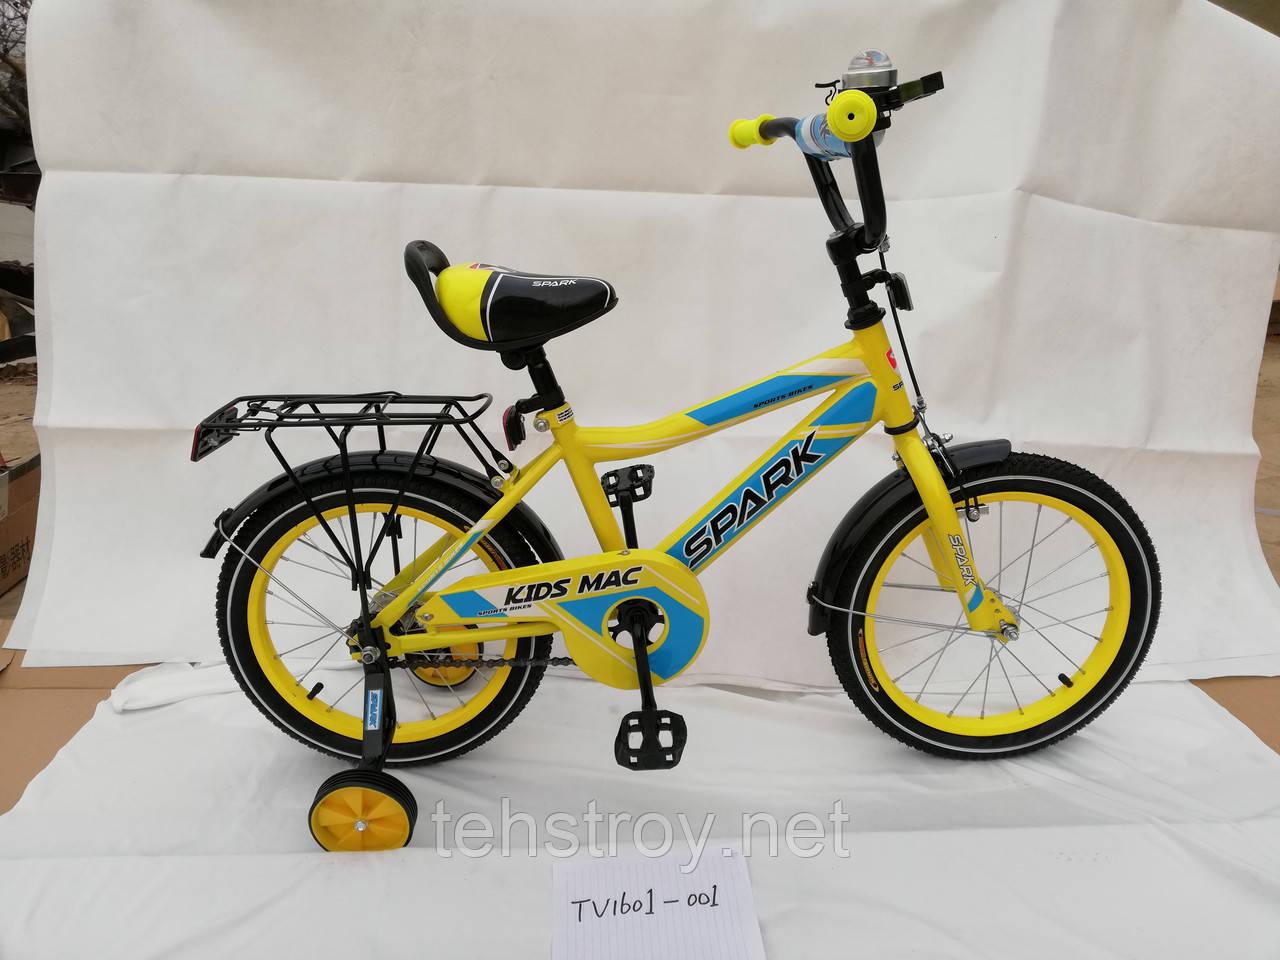 """16"""" Велосипед SPARK KIDS MAC сталь TV1601-001"""